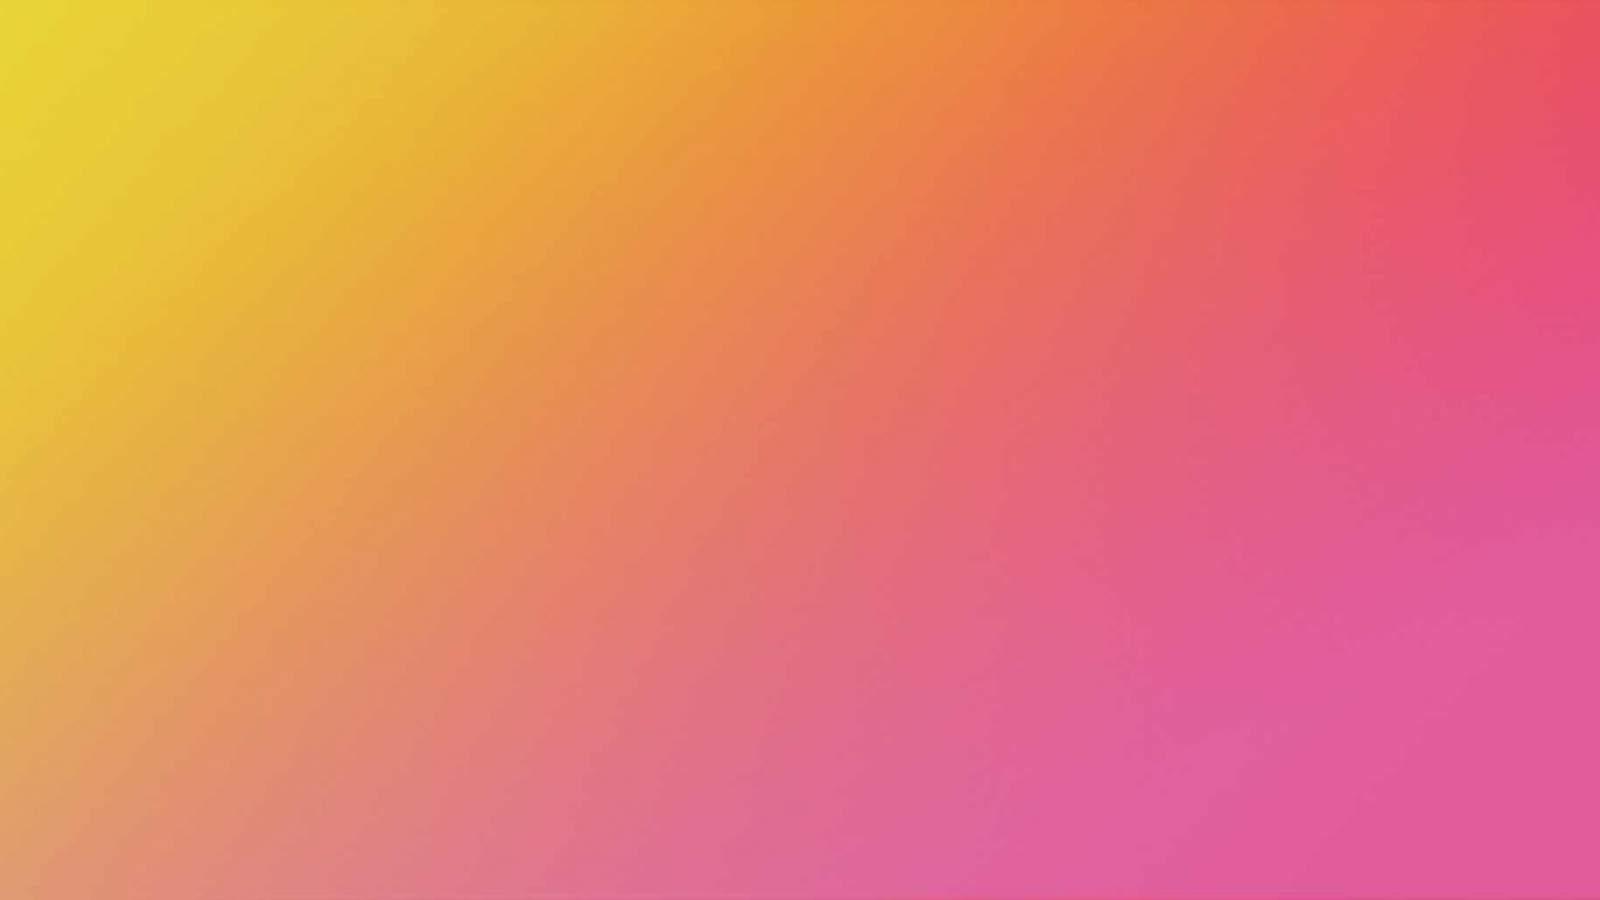 Yellow and Red Wallpaper - WallpaperSafari